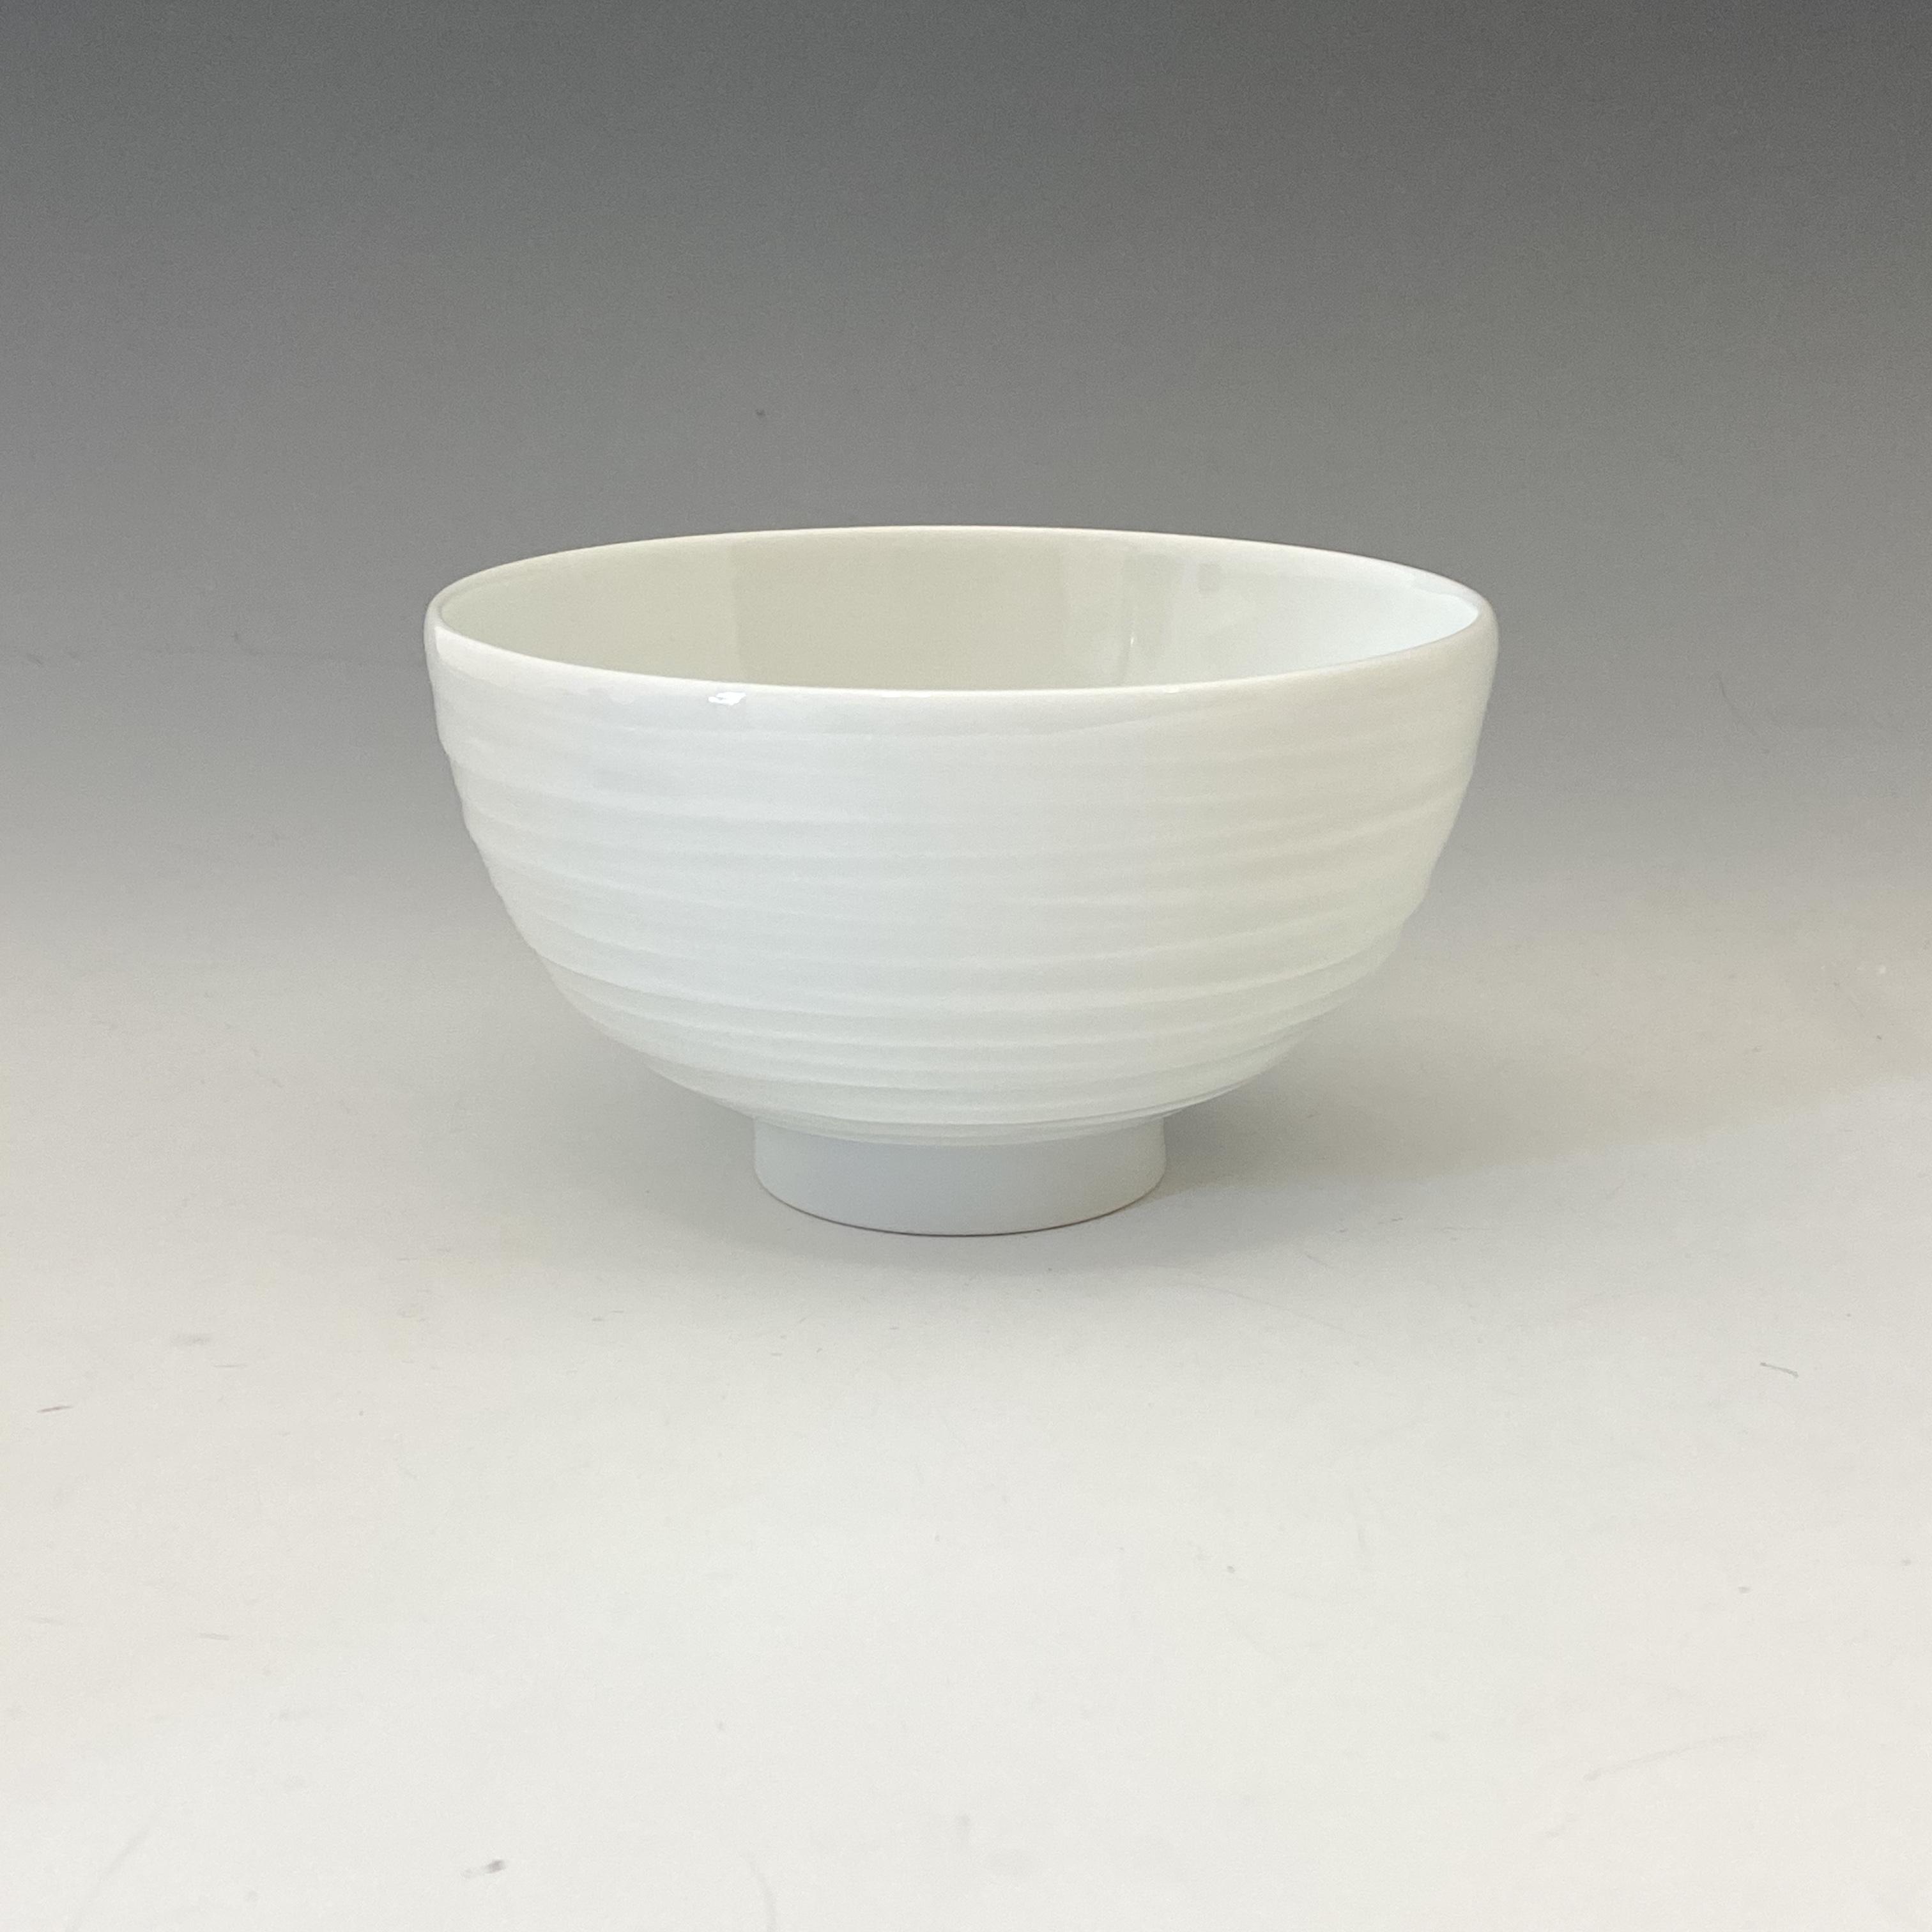 【中尾純】白磁線彫碗(小)